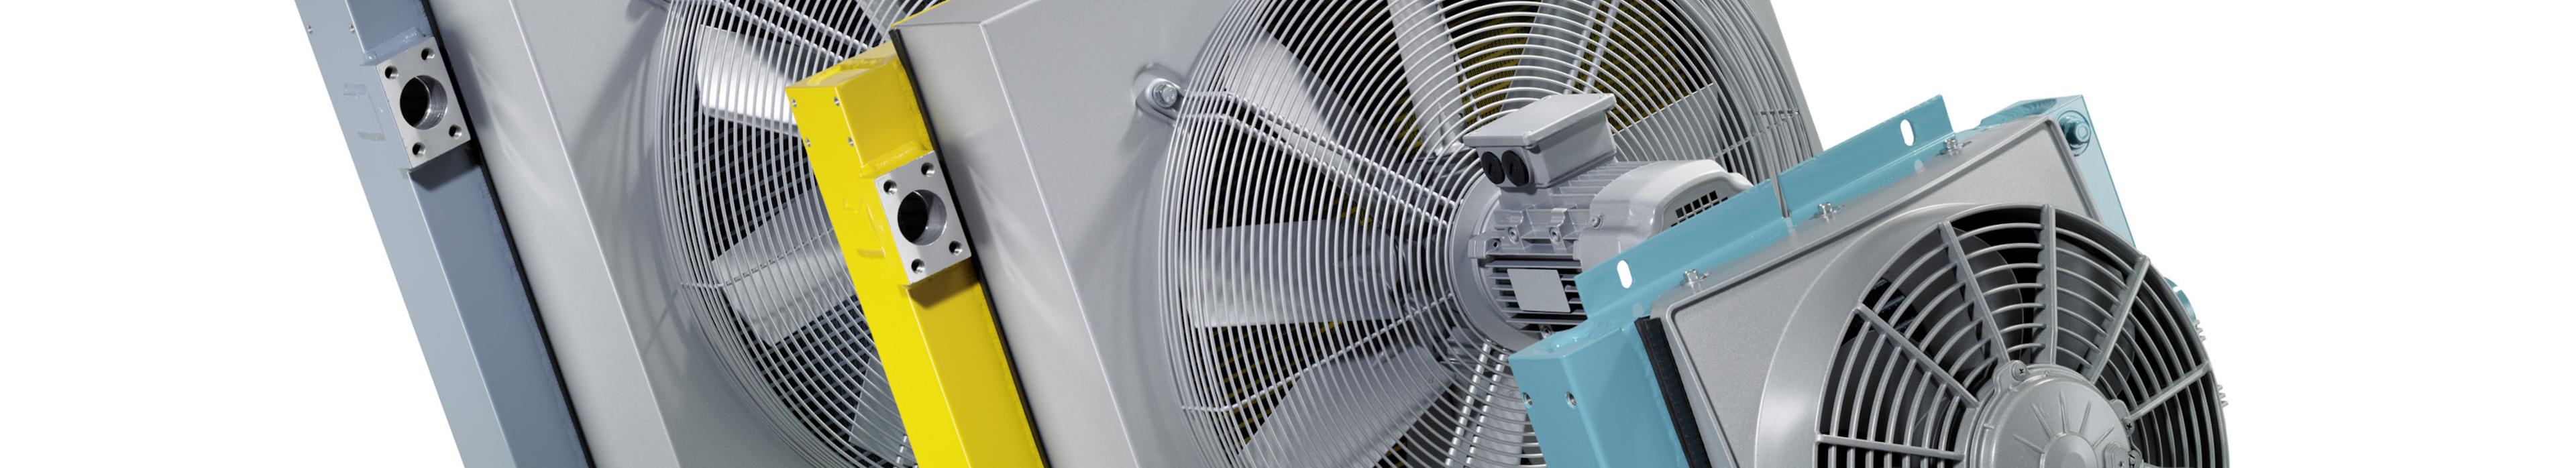 Oliekoeler AKG-Line 12v 24v hydraulisch 400v fan